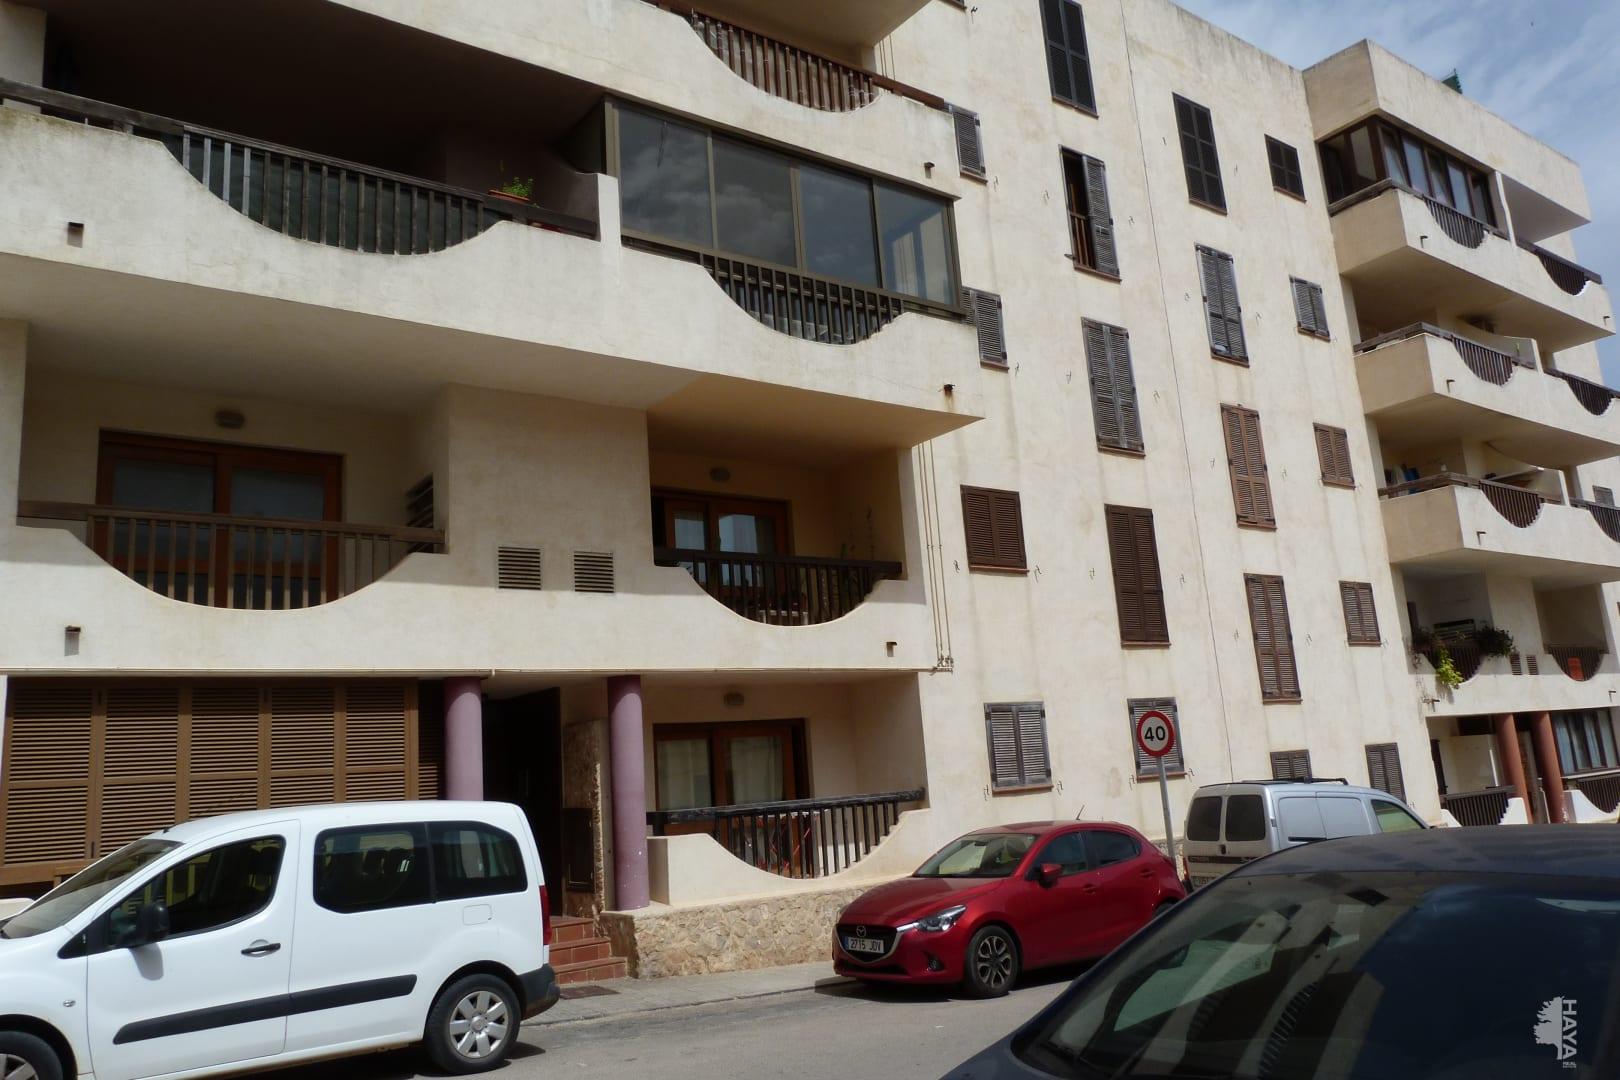 Piso en venta en Felanitx, Baleares, Calle Santanyi, 105.100 €, 3 habitaciones, 1 baño, 91 m2